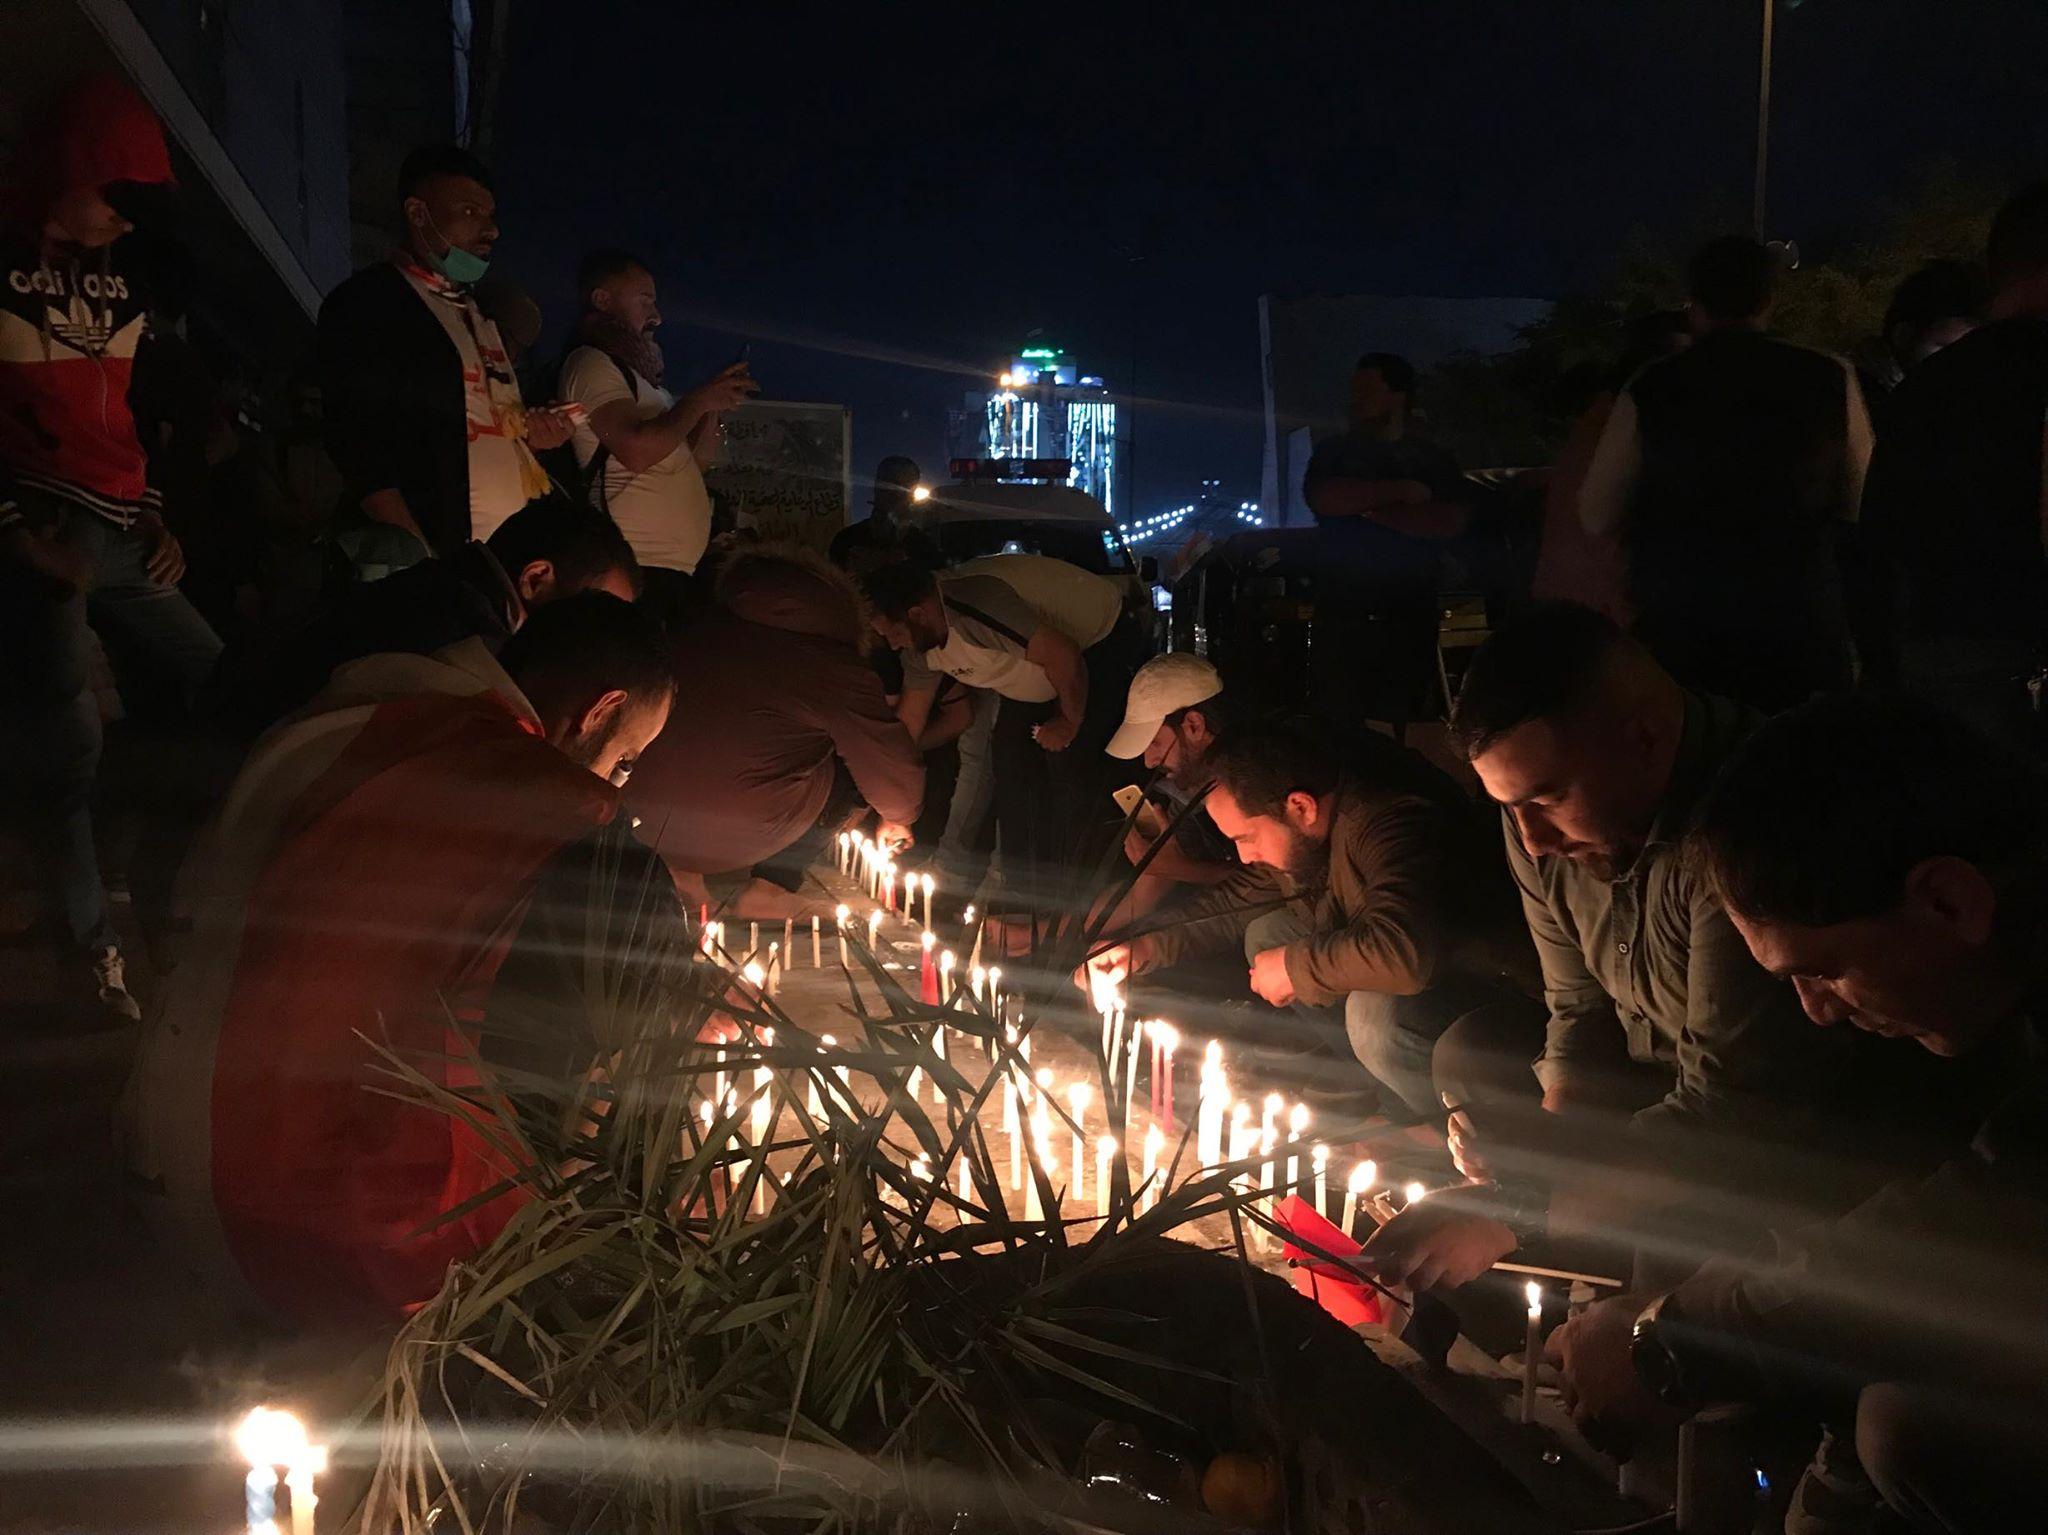 """التحرير تنتعش بعد ليلة دامية.. مسيرات لـ """"التك تك"""" وشموع على أرواح الضحايا (فيديو)"""